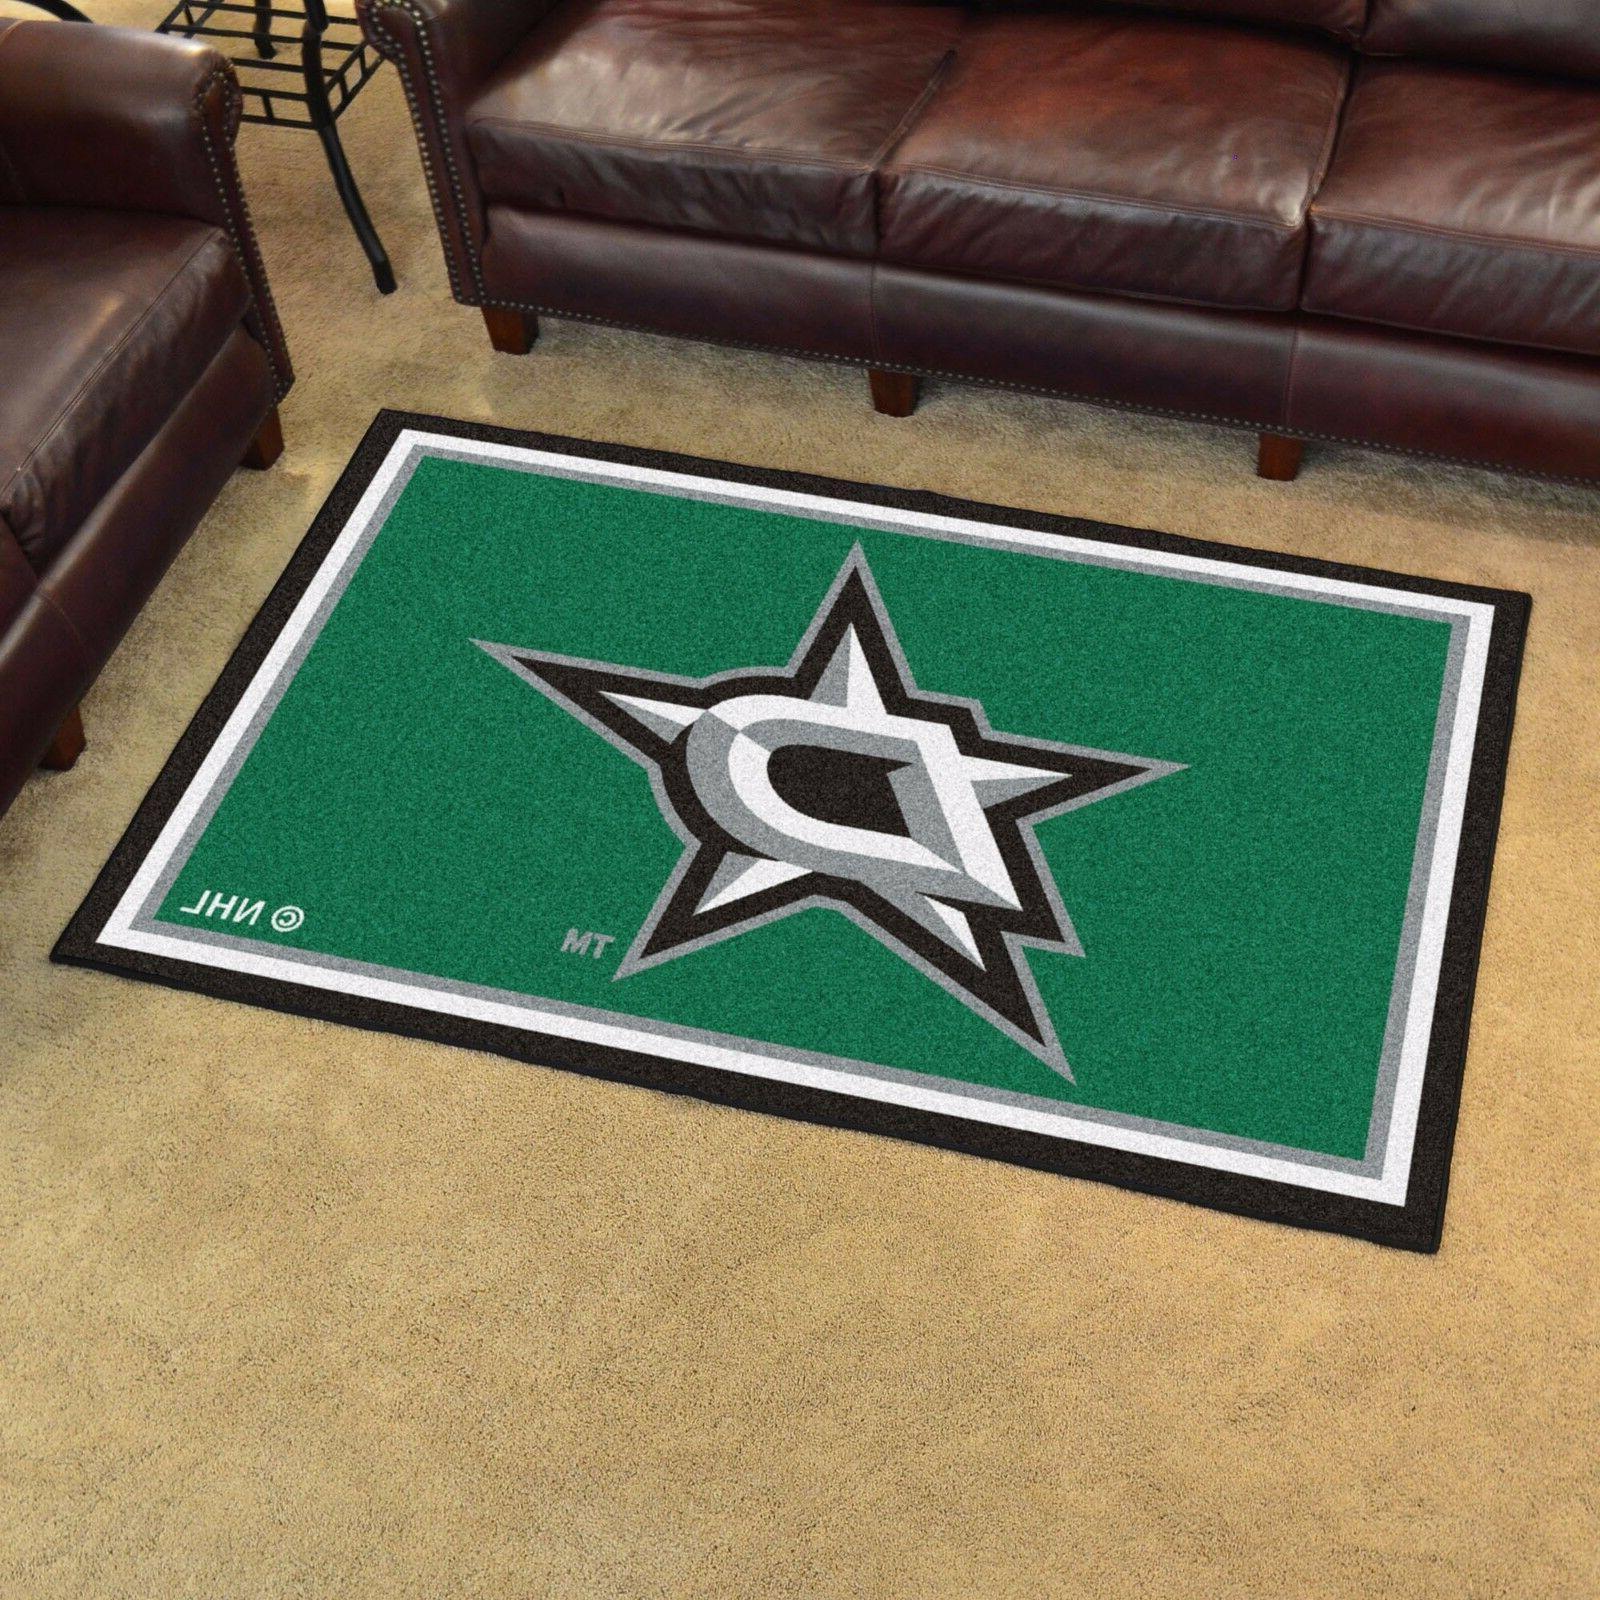 NHL Dallas Stars Doormat, 3'10 x 6'